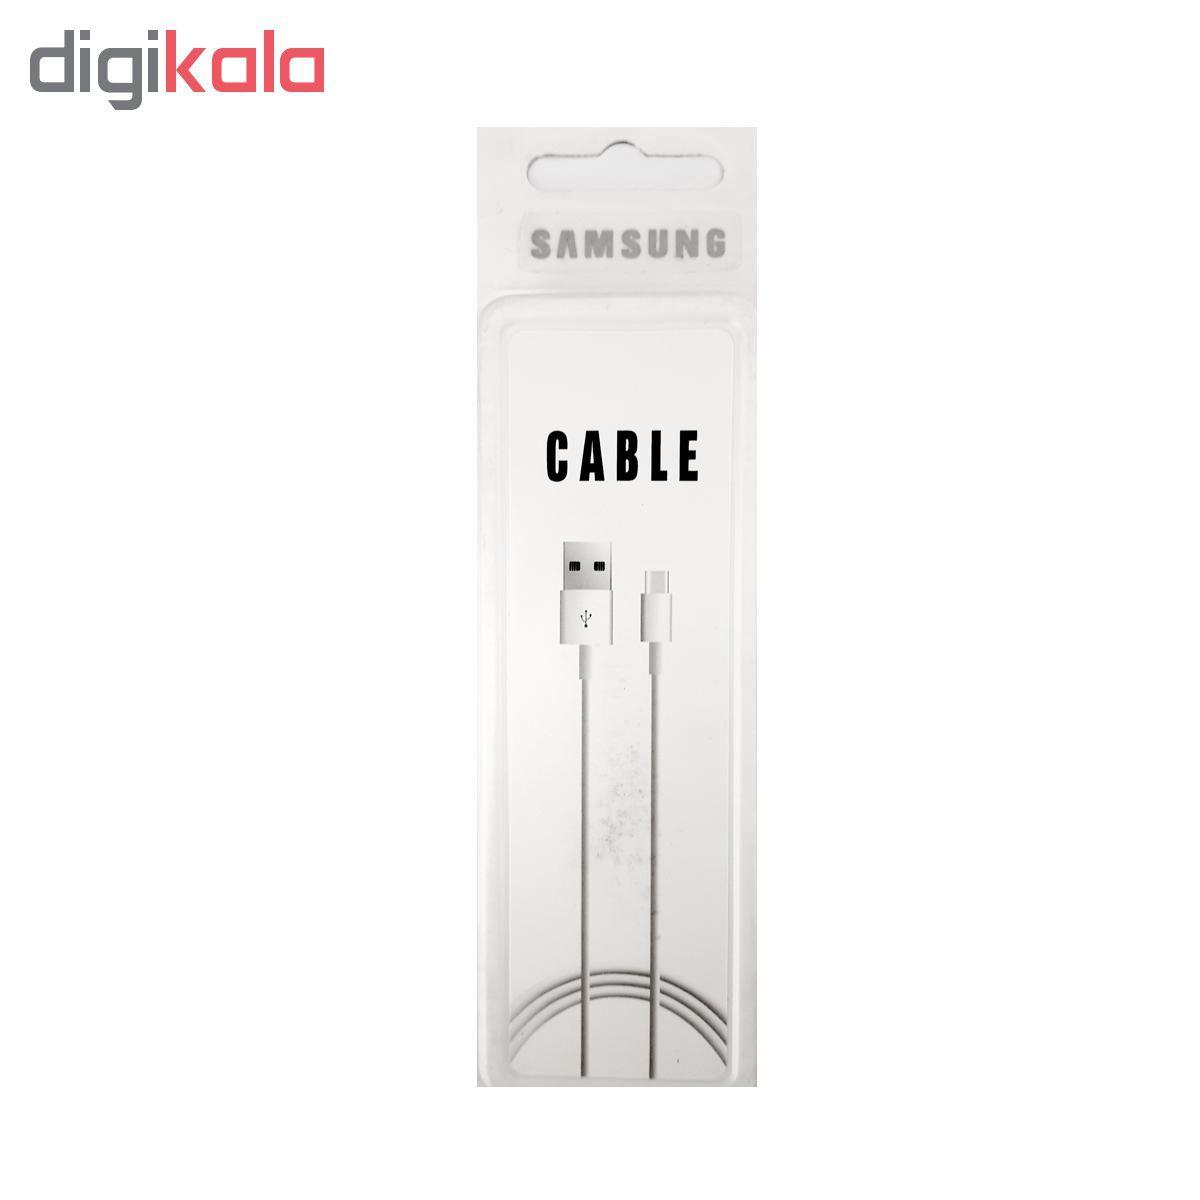 کابل تبدیل USB به USB-C سامسونگ مدل EP-DG950 طول 1.2 متر main 1 1